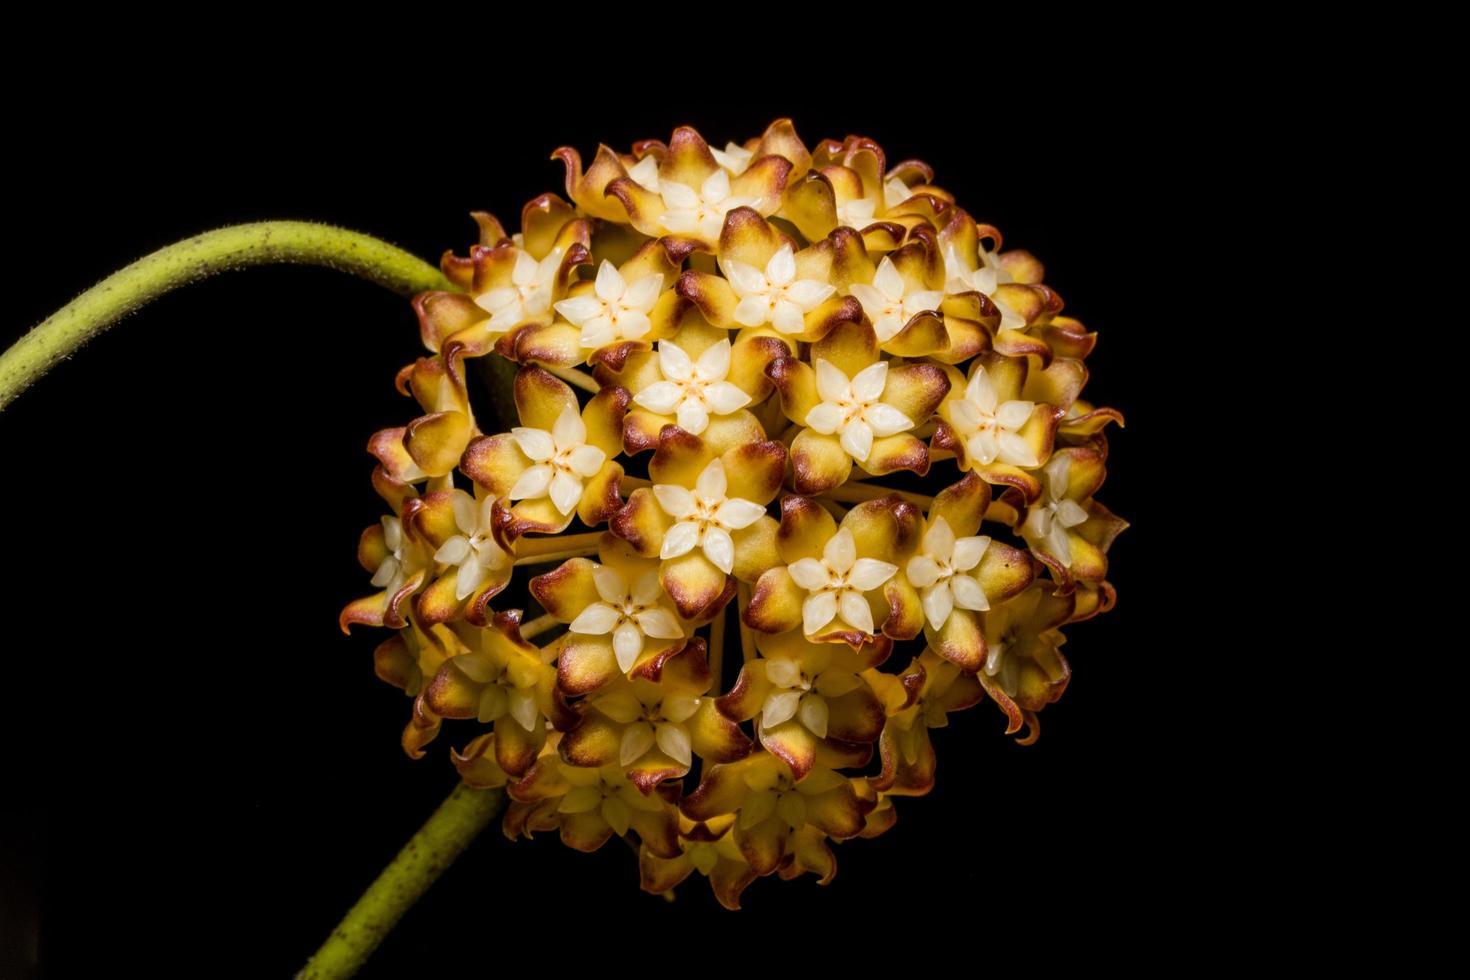 Hoya Blume auf schwarzem Hintergrund foto